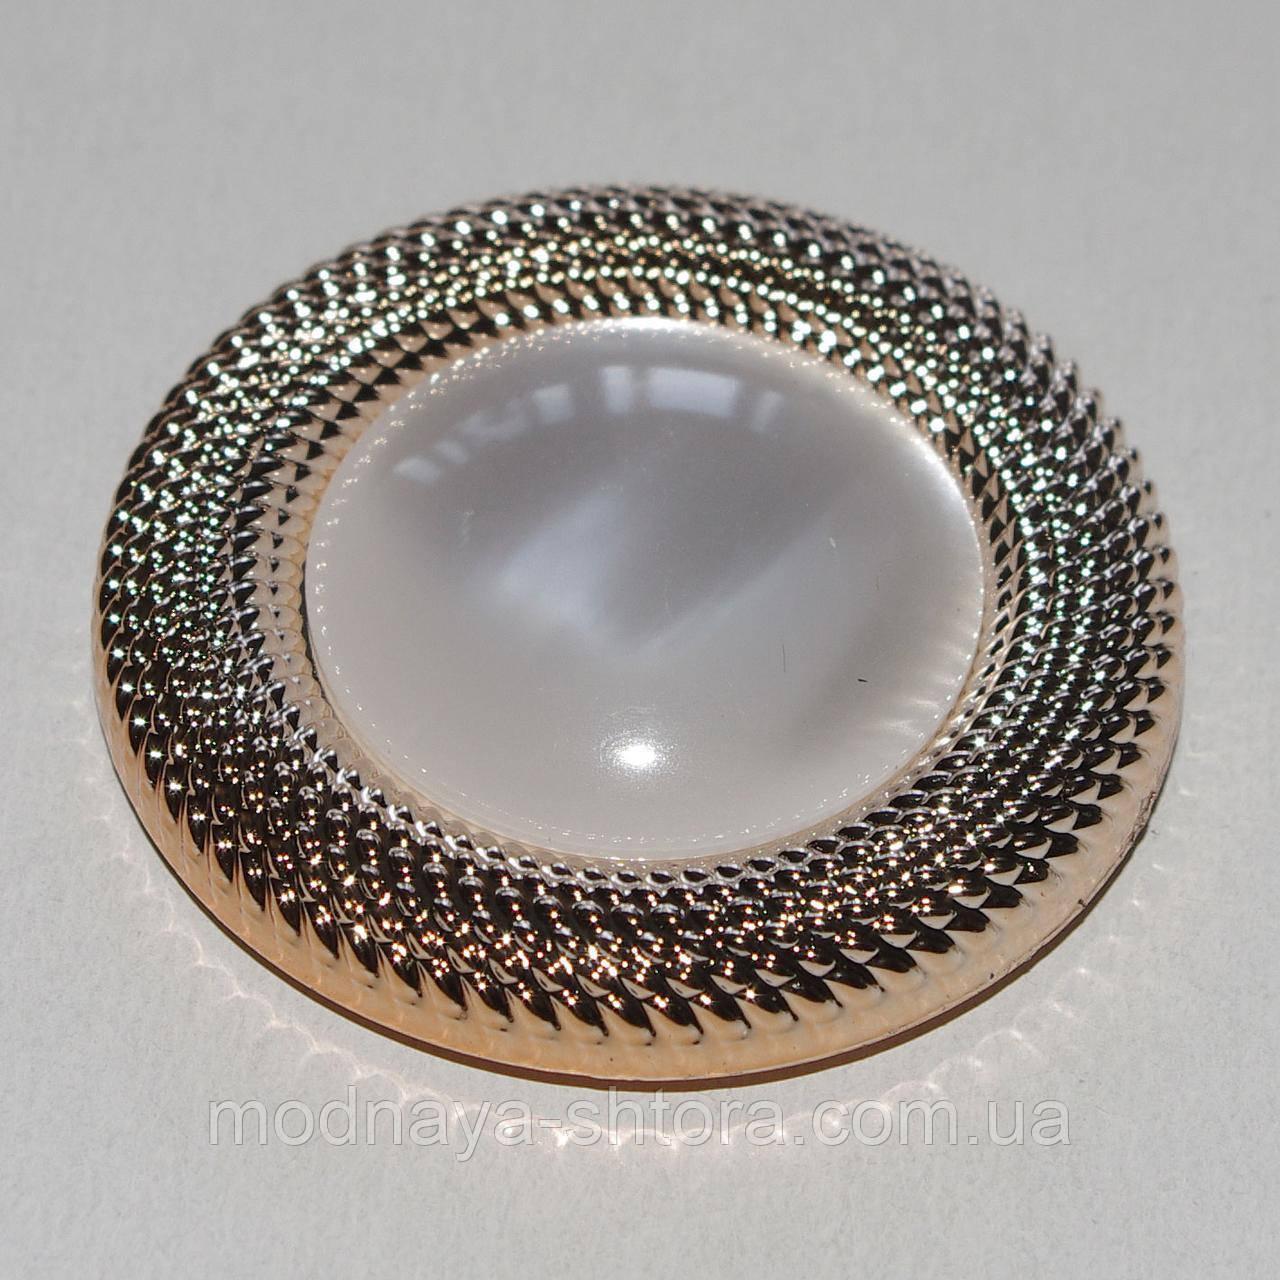 """Підхоплення-магніт для тюлю і штор """"Перлина"""" (білий+золото)"""